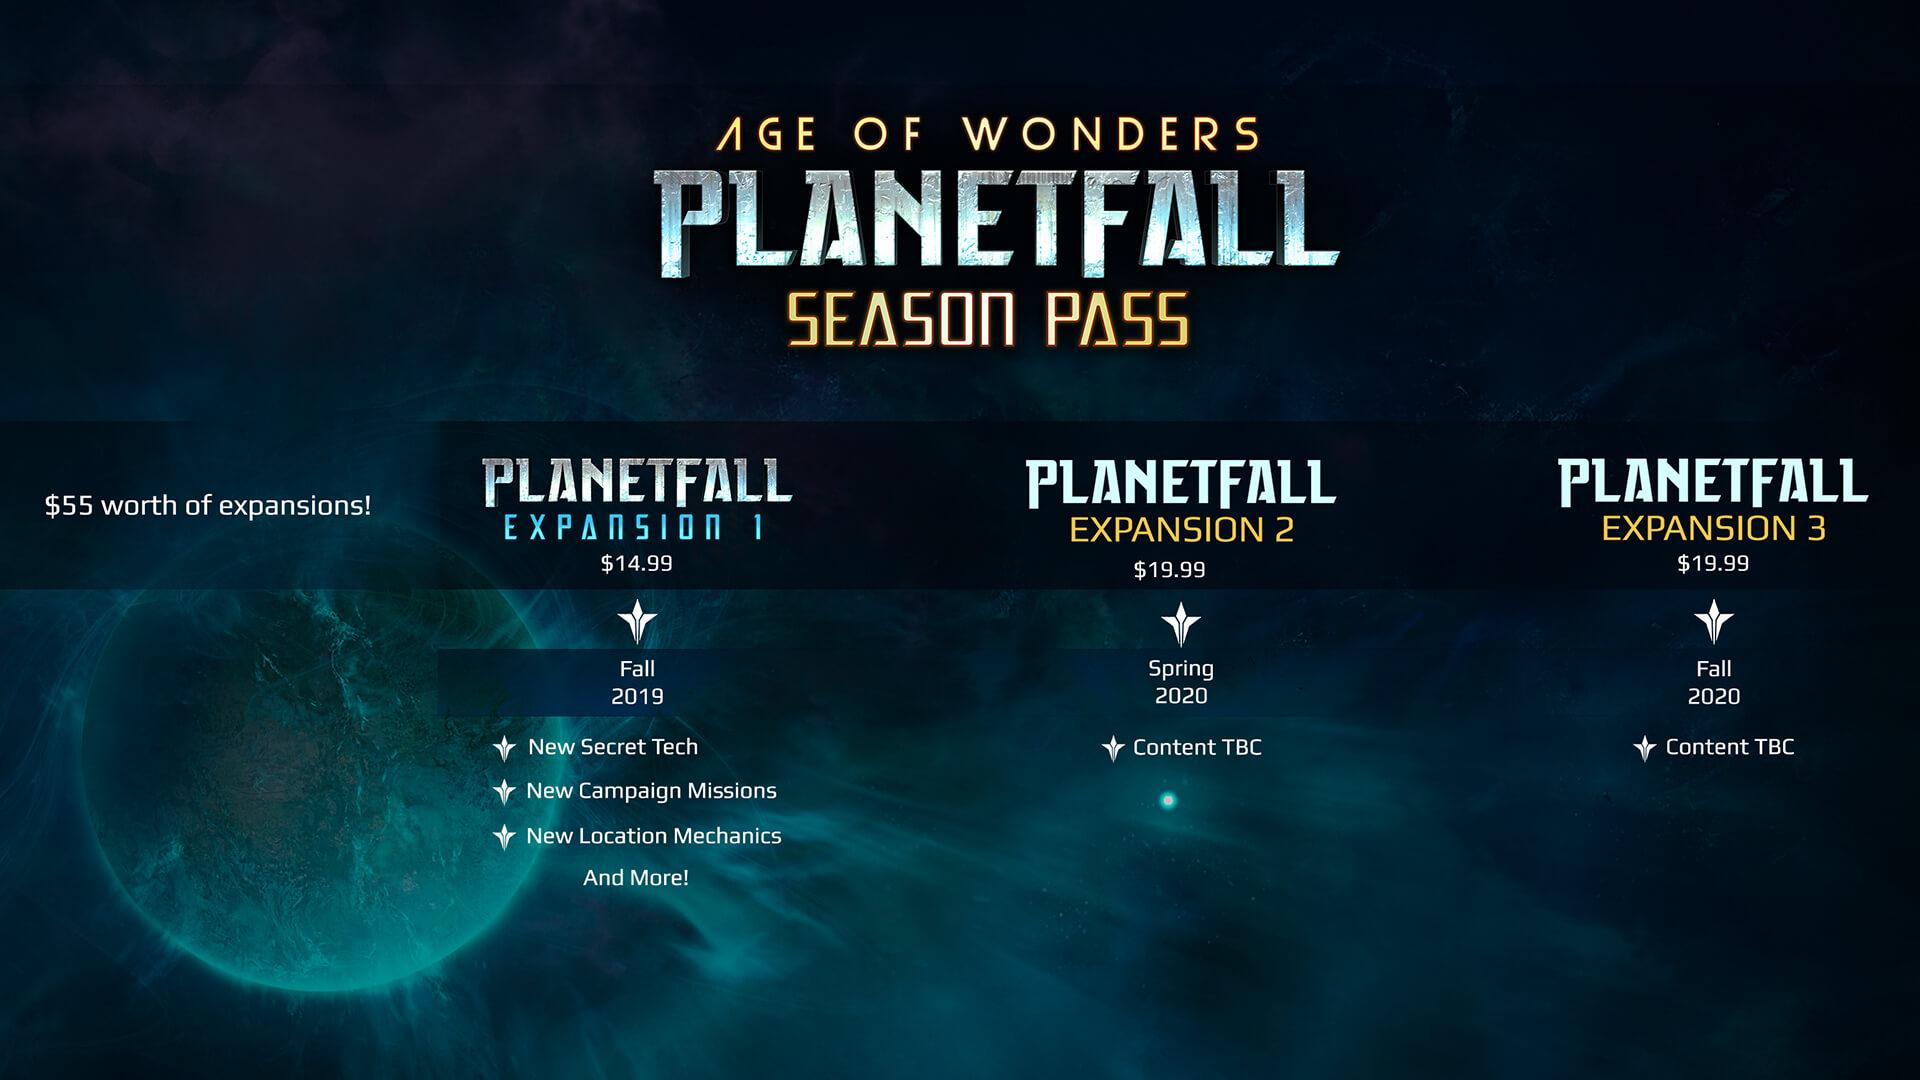 Age of Wonders: Planetfall Season Pass